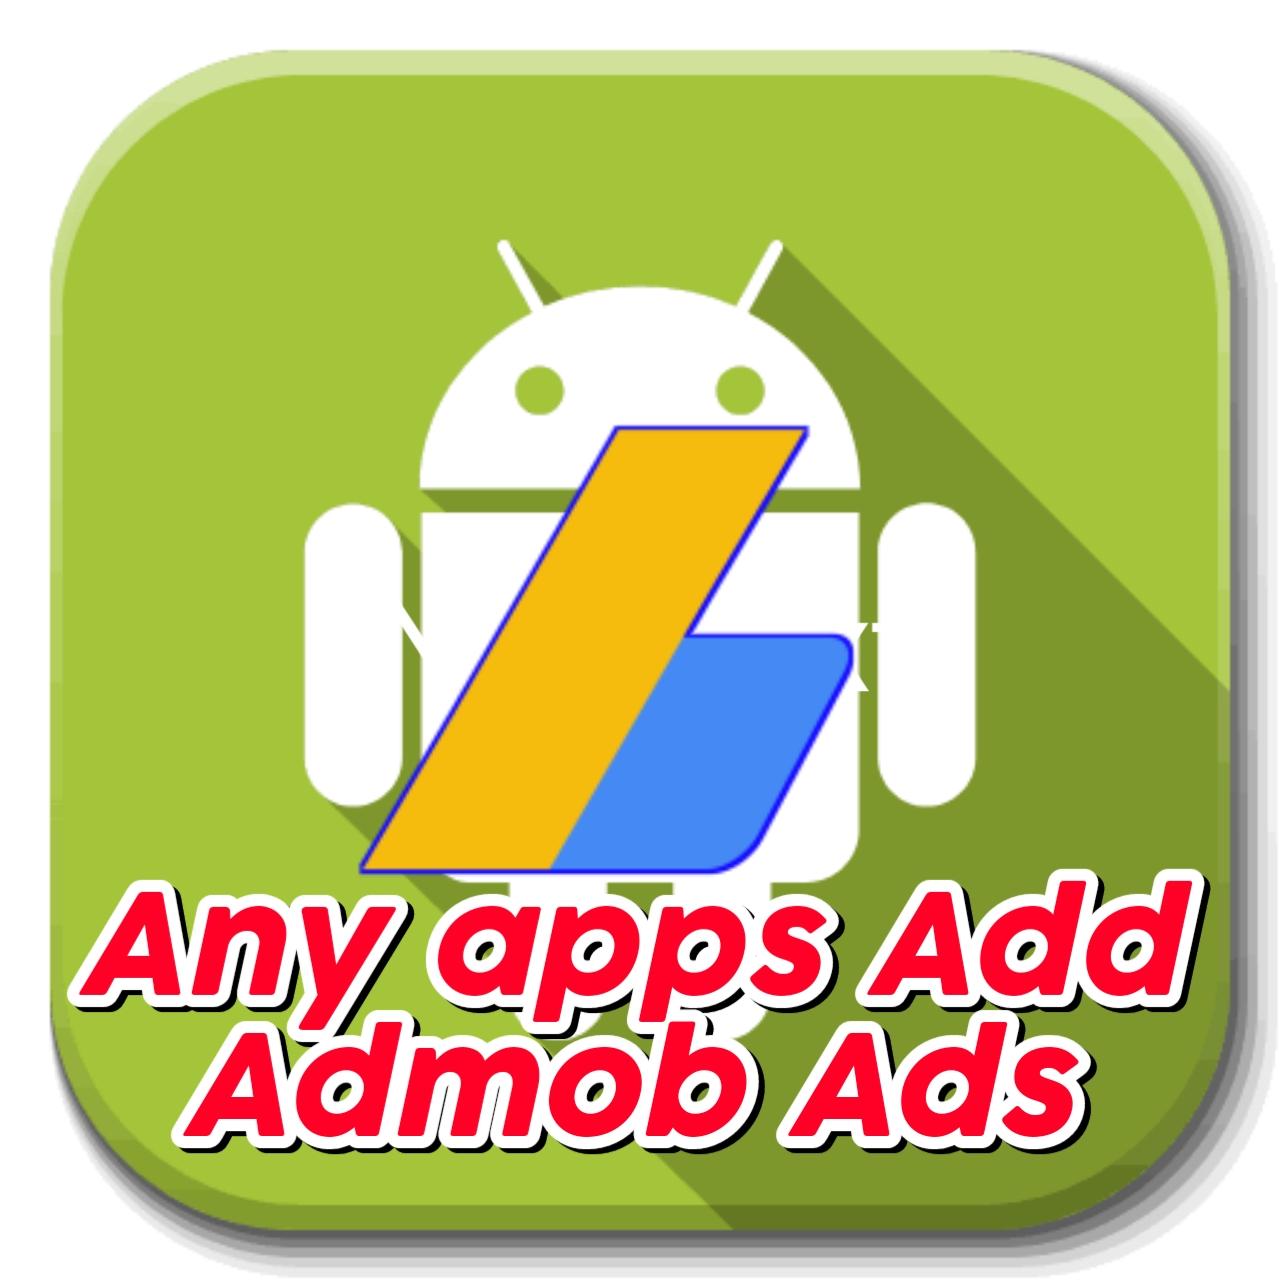 যে কোন Apps Ads Remove করুন + নিজের অ্যাড বসিয়ে ইনকাম করুন( দ্বিতীয় পর্ব)